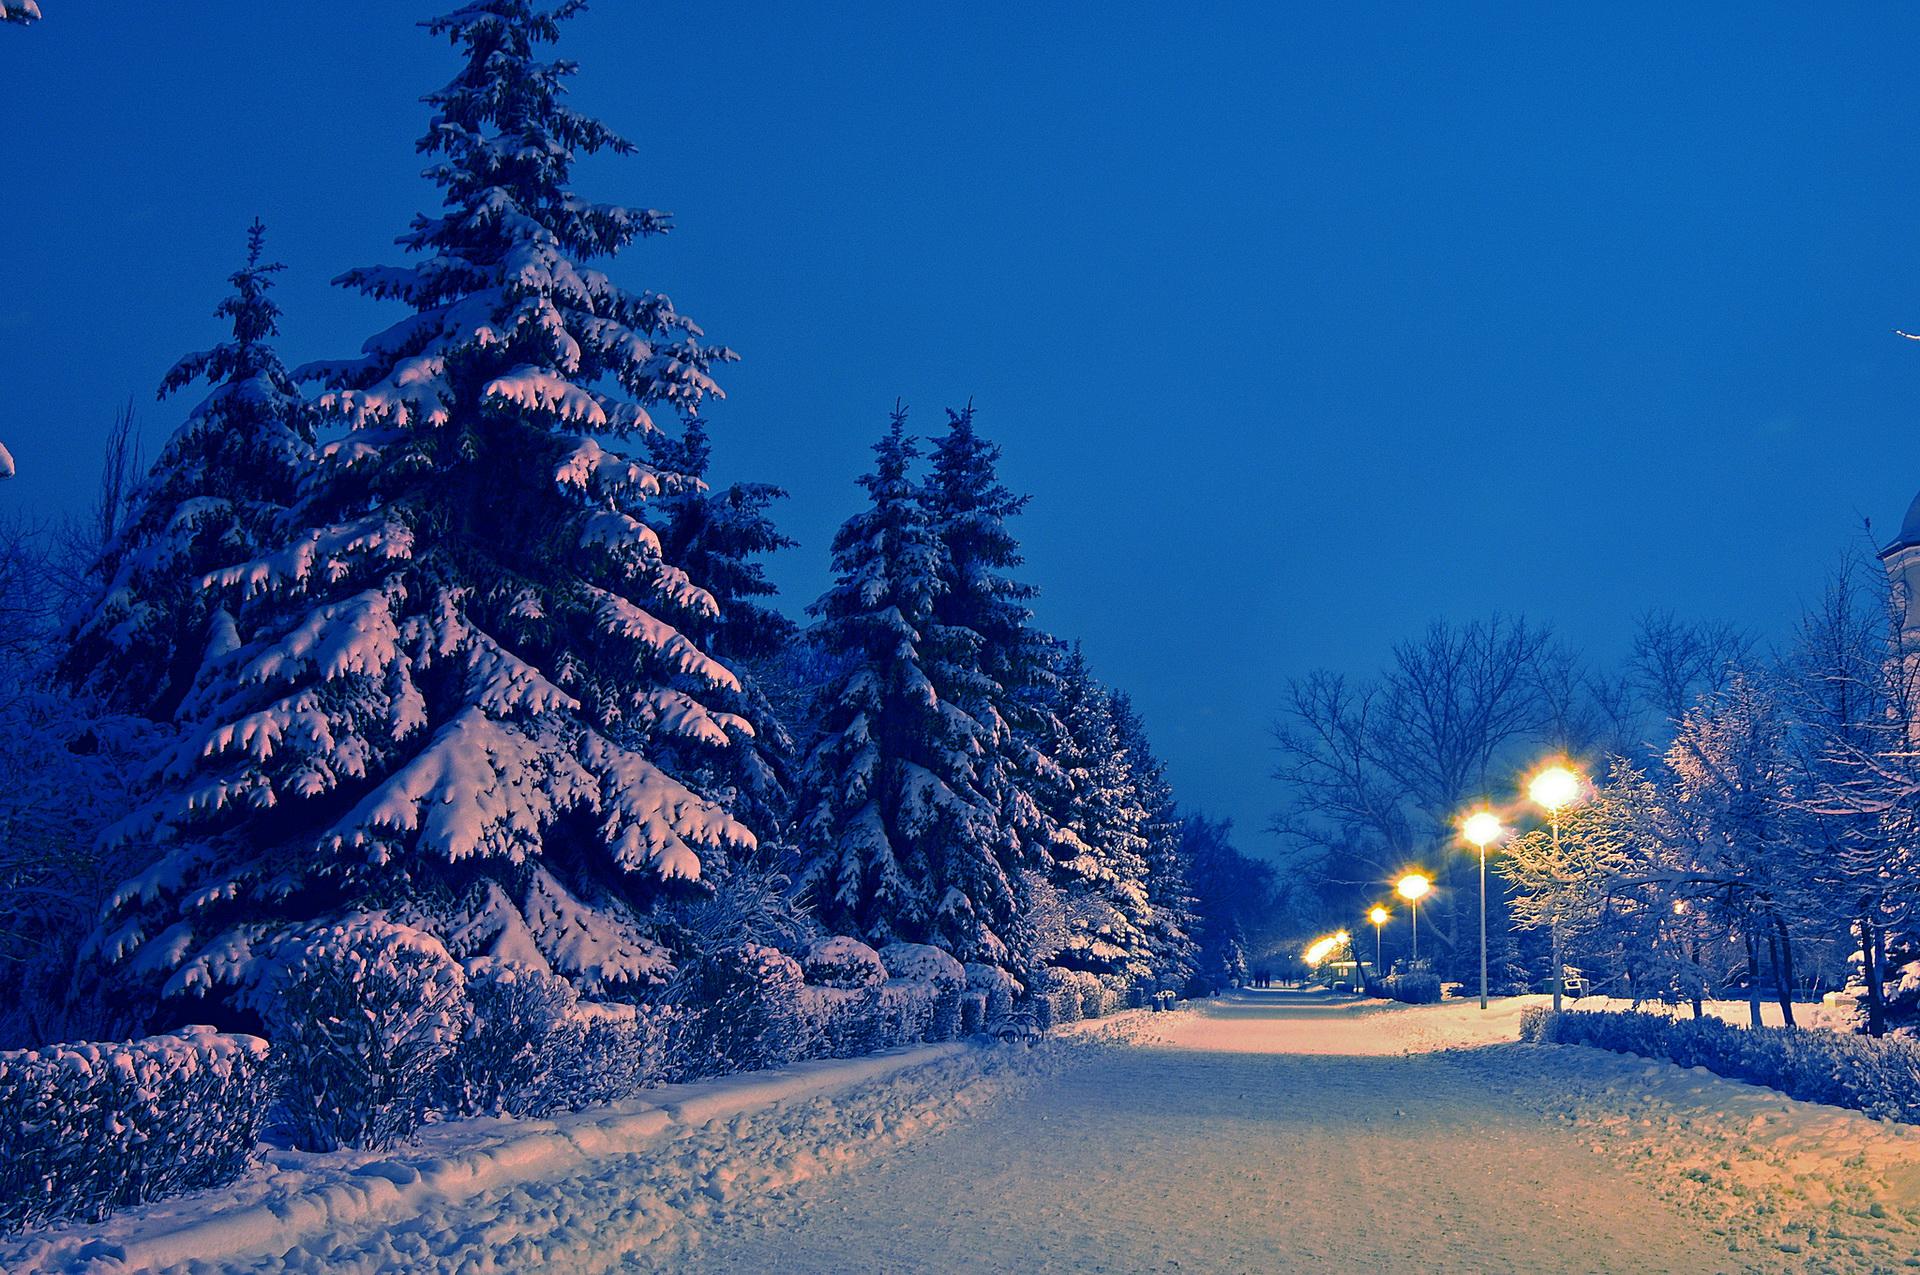 снег ели зима  № 3180892 загрузить